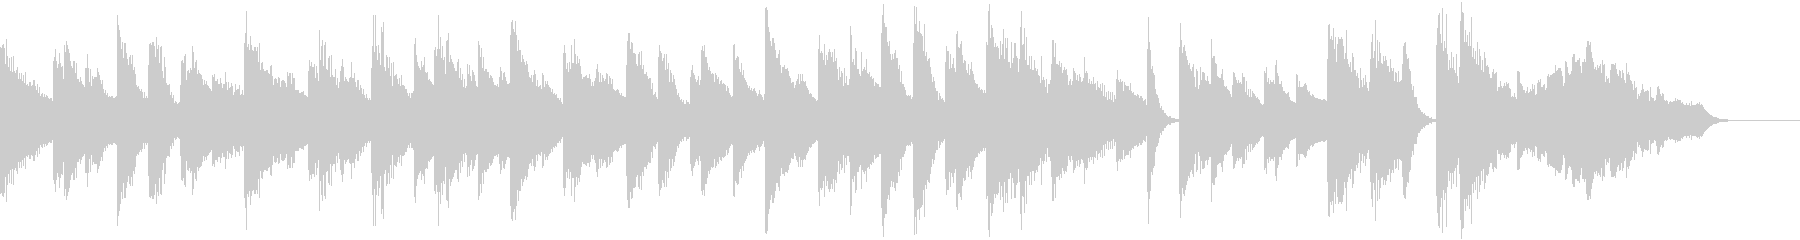 ゆるいブルースリラックスピアノジングルの未再生の波形